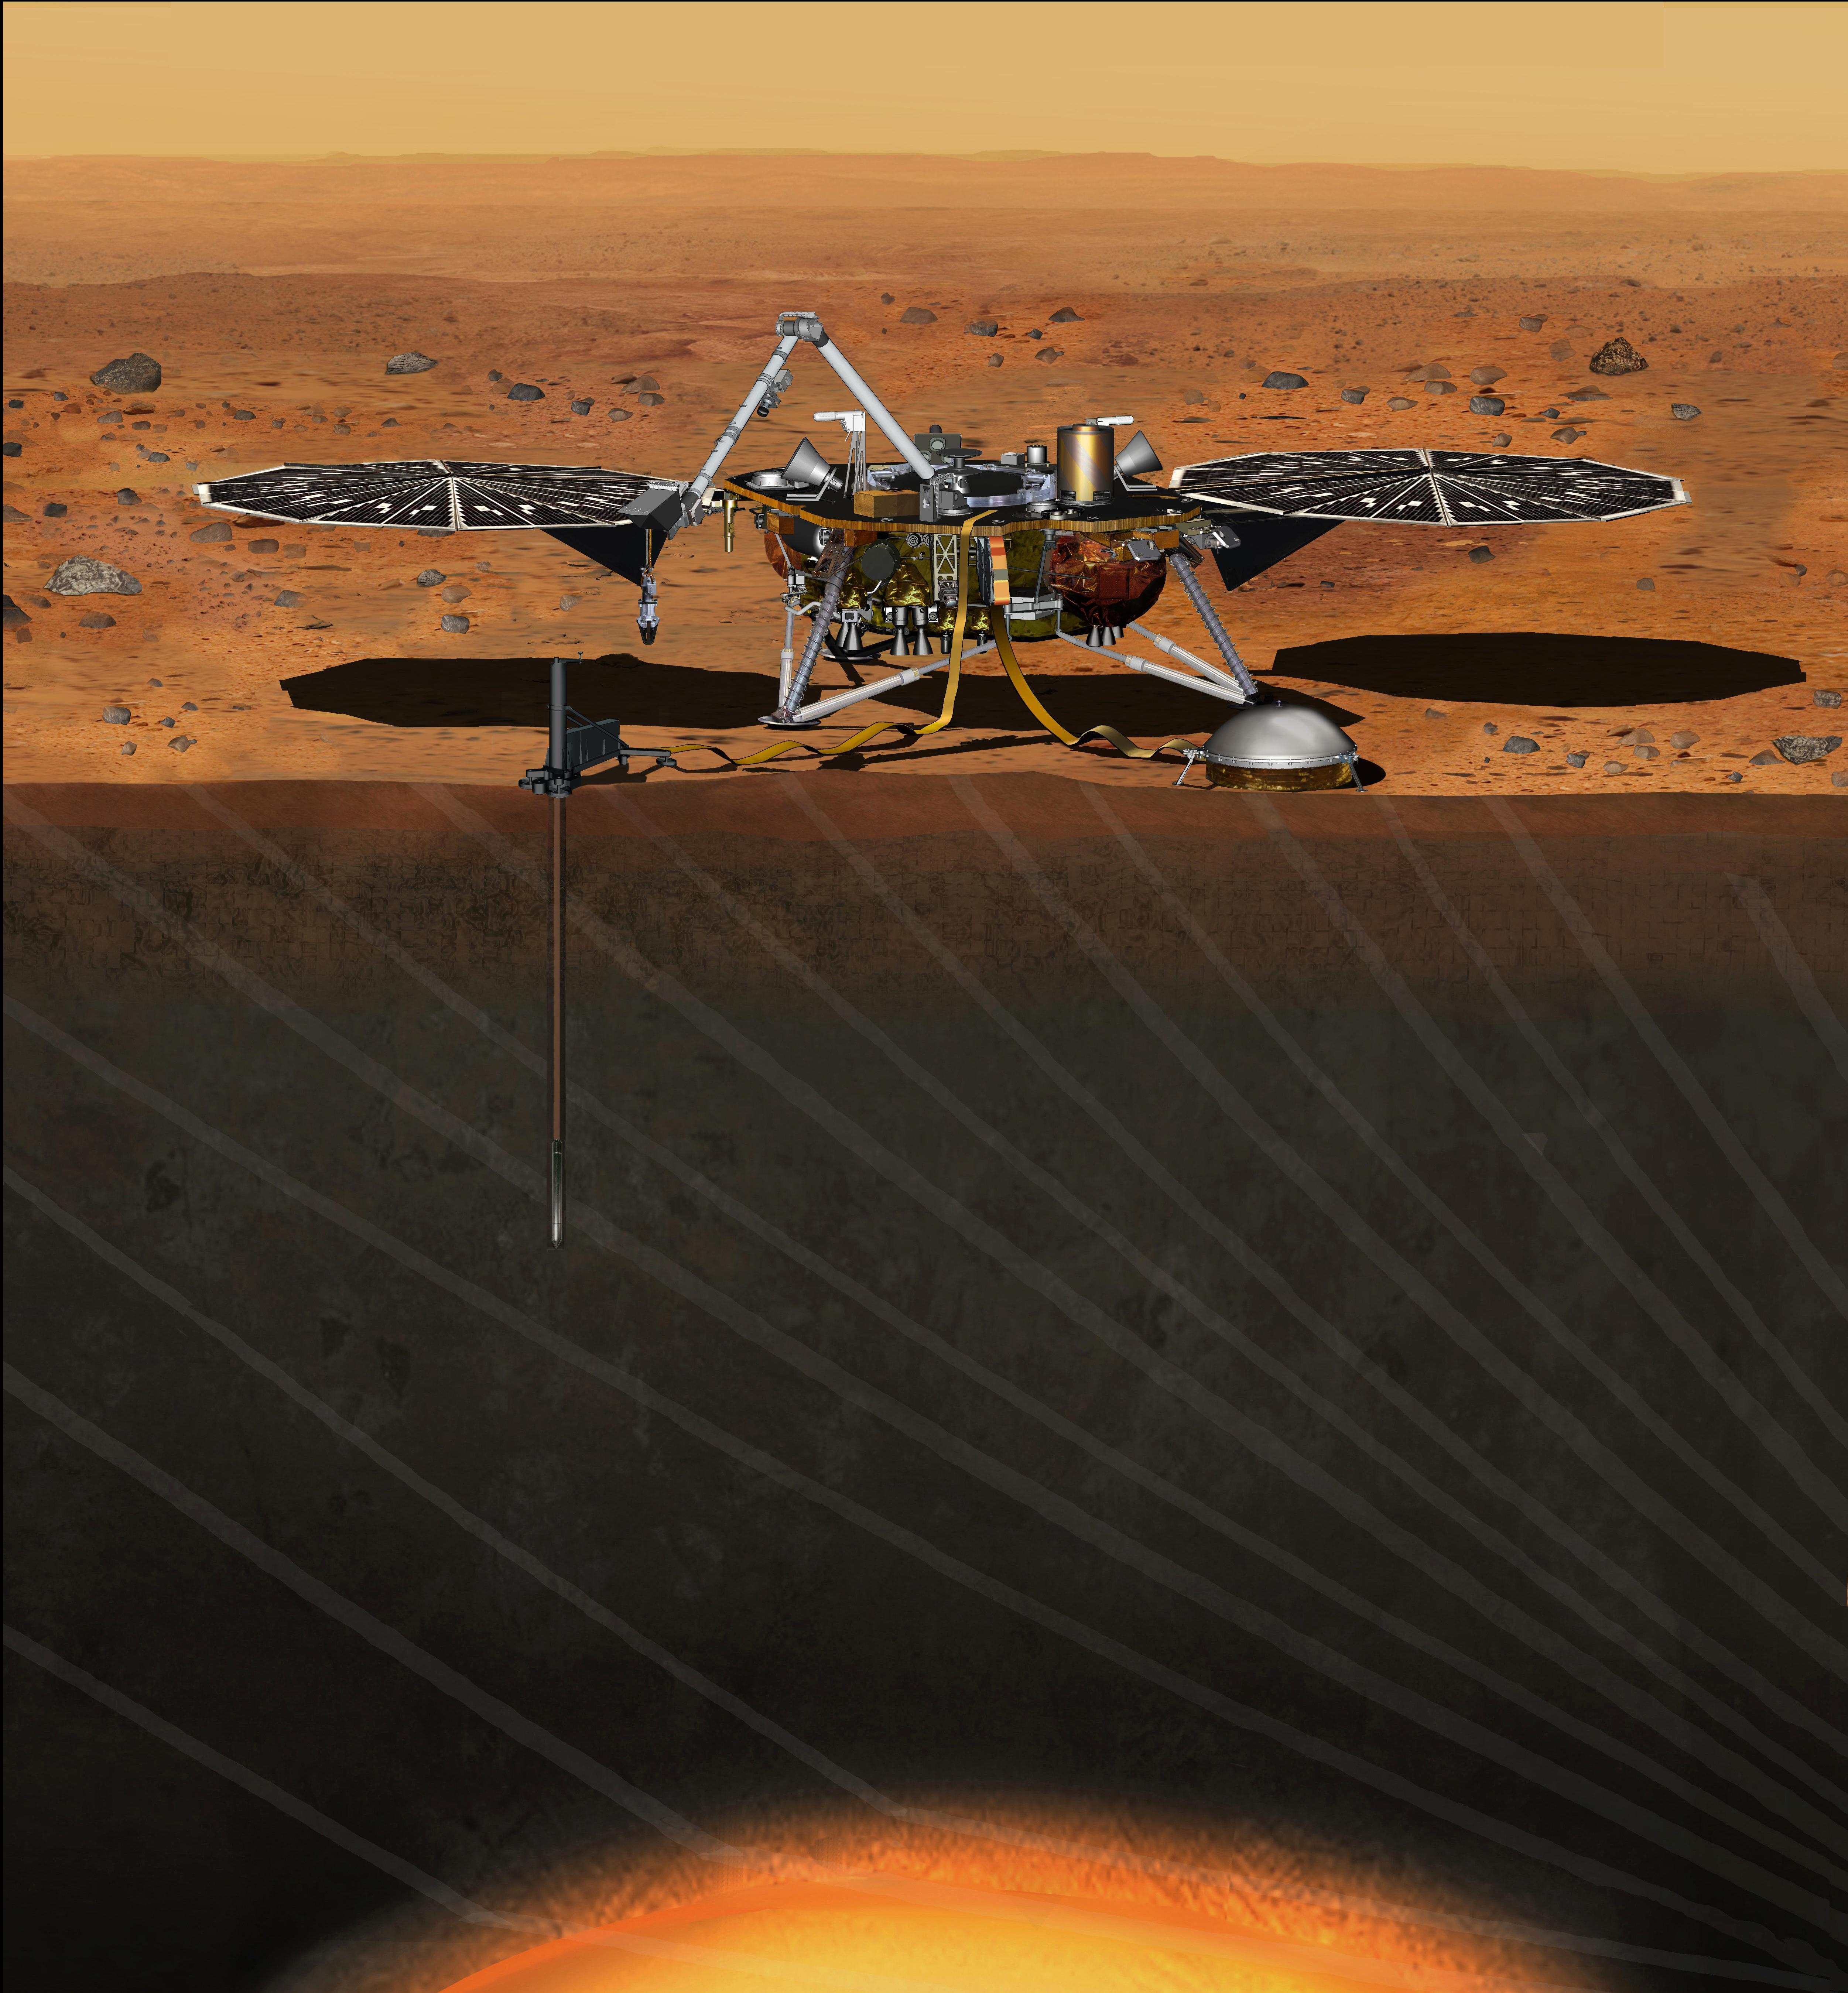 insight-lander-drill-mars-surface